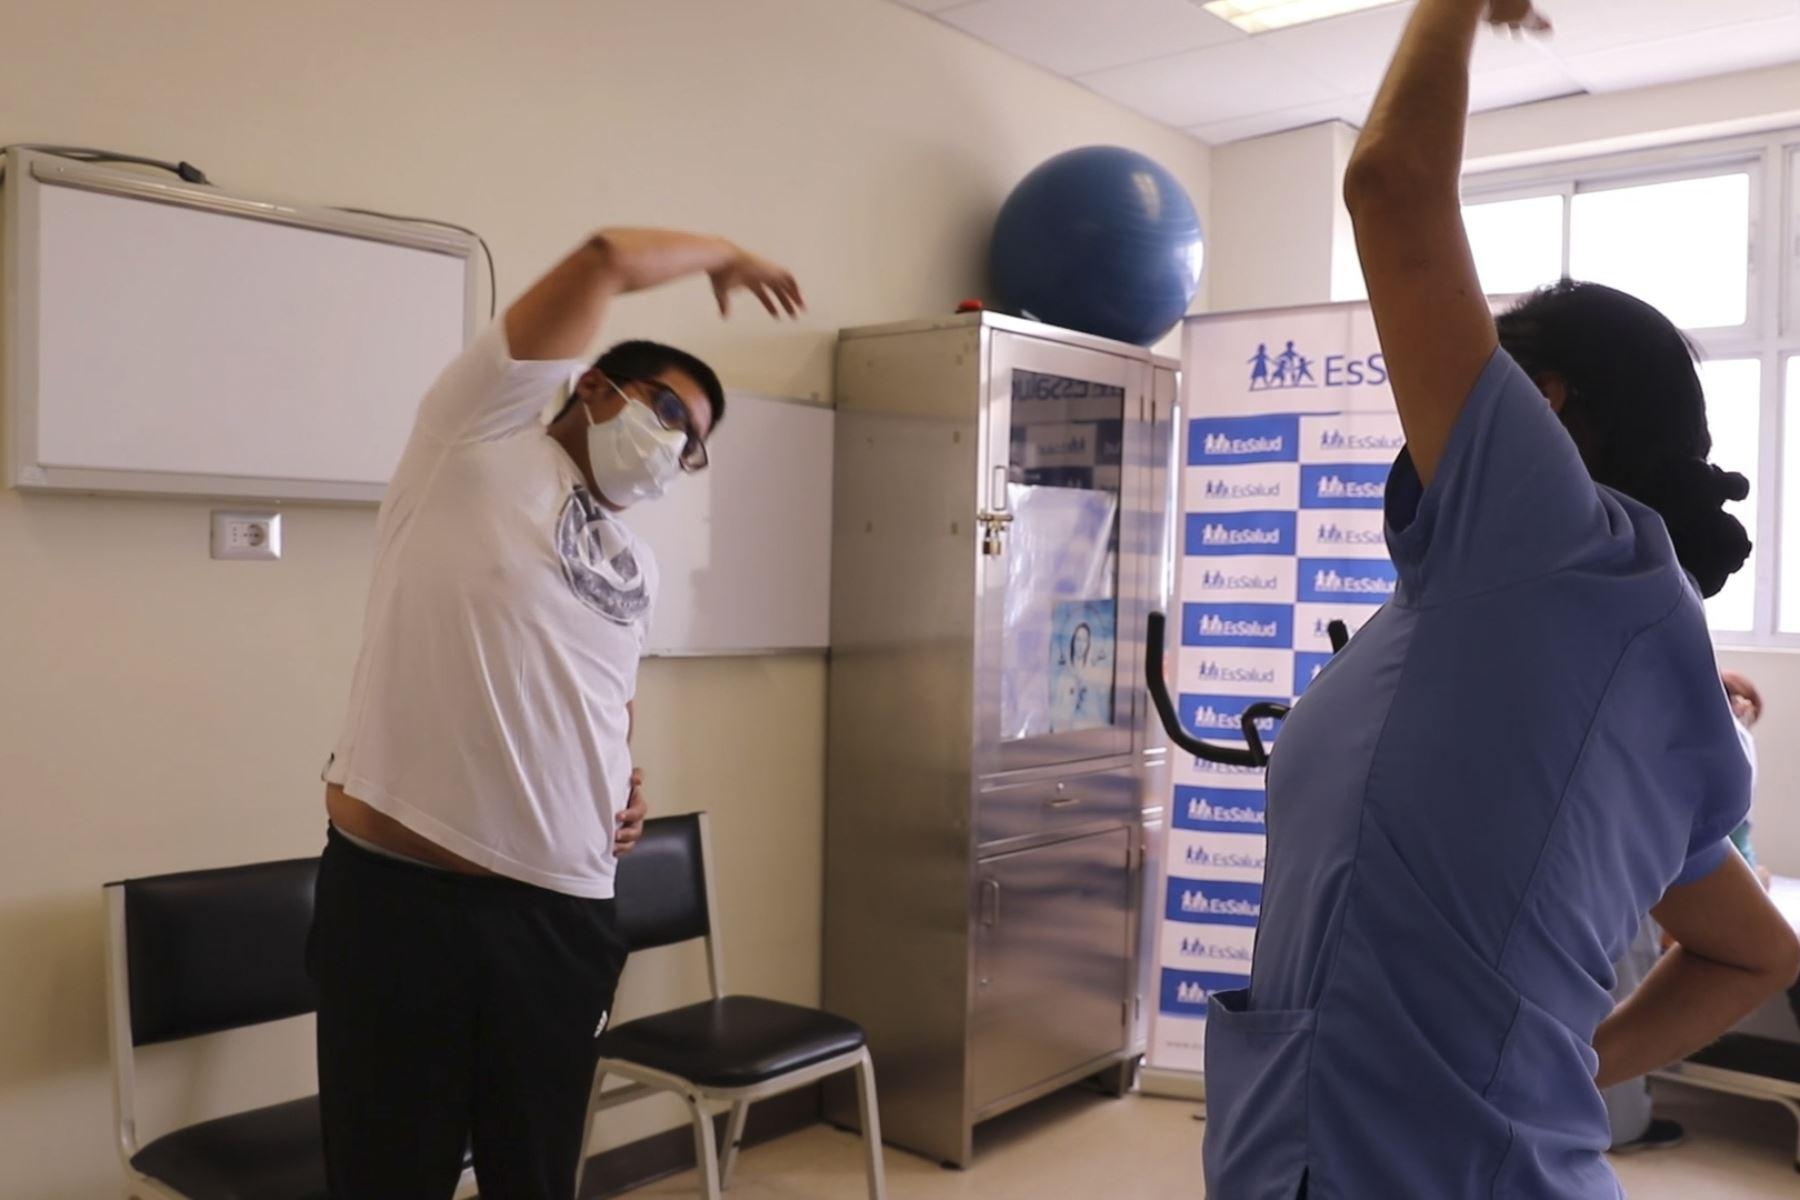 medicos-de-essalud-que-vencieron-el-covid-19-realizan-terapias-de-rehabilitacion